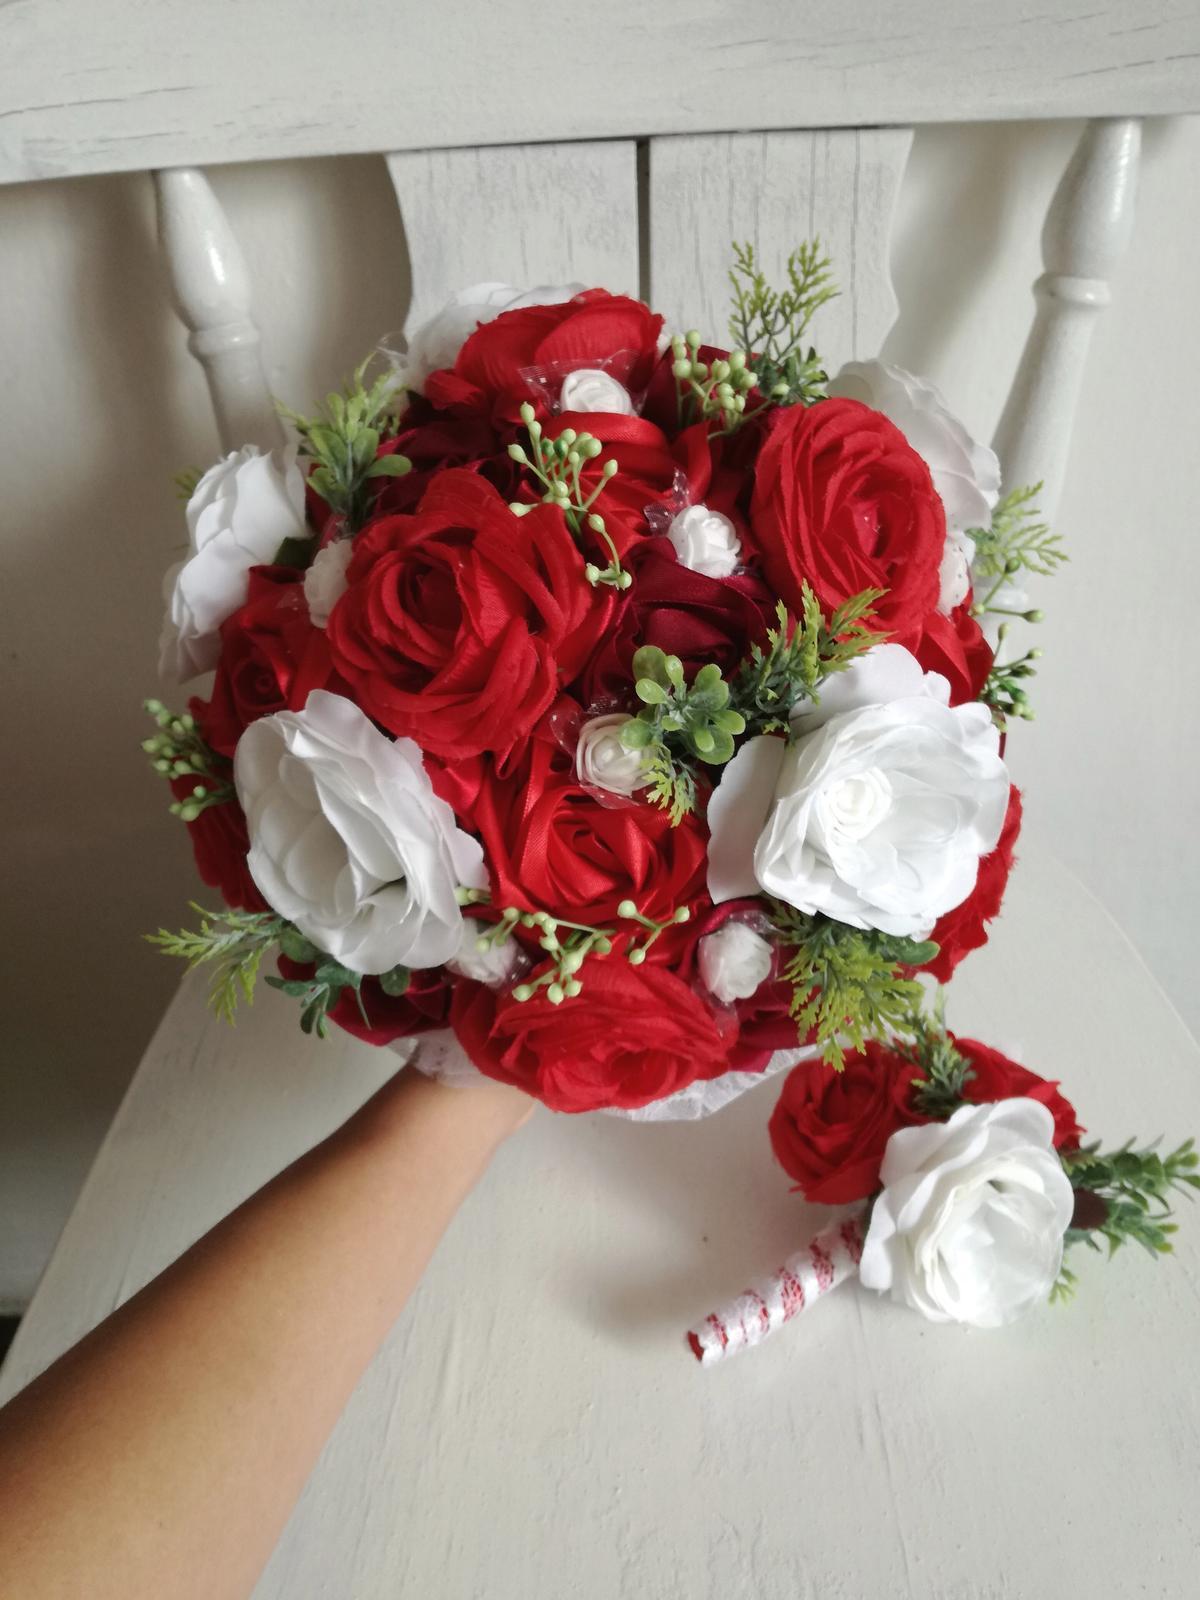 Z umelých kvetov - Obrázok č. 19